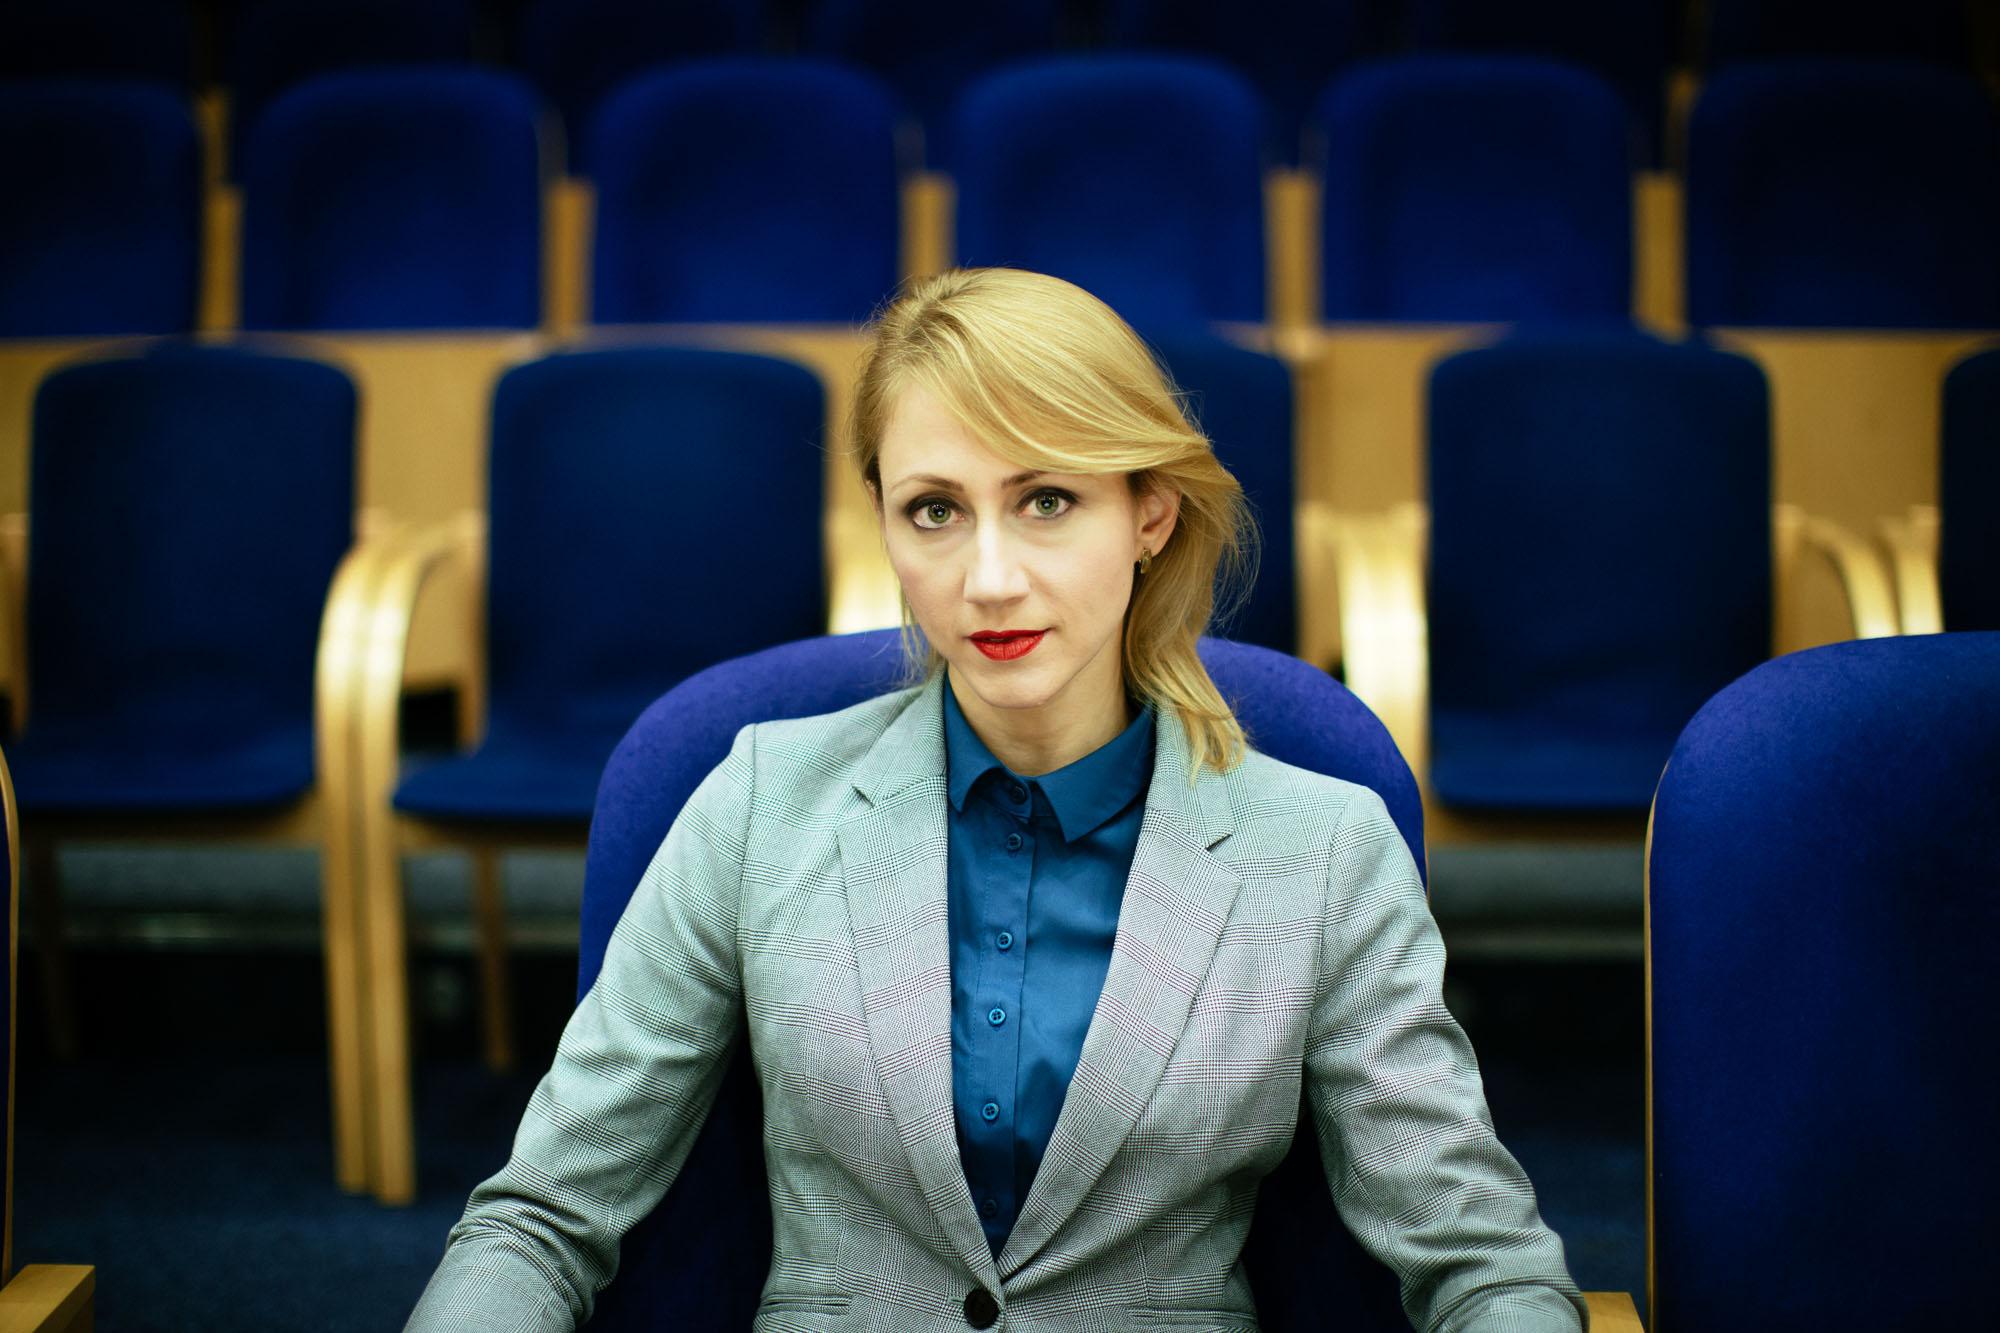 Członkini Zarządu Województwa Pomorskiego Agnieszka Kapała-Sokalska